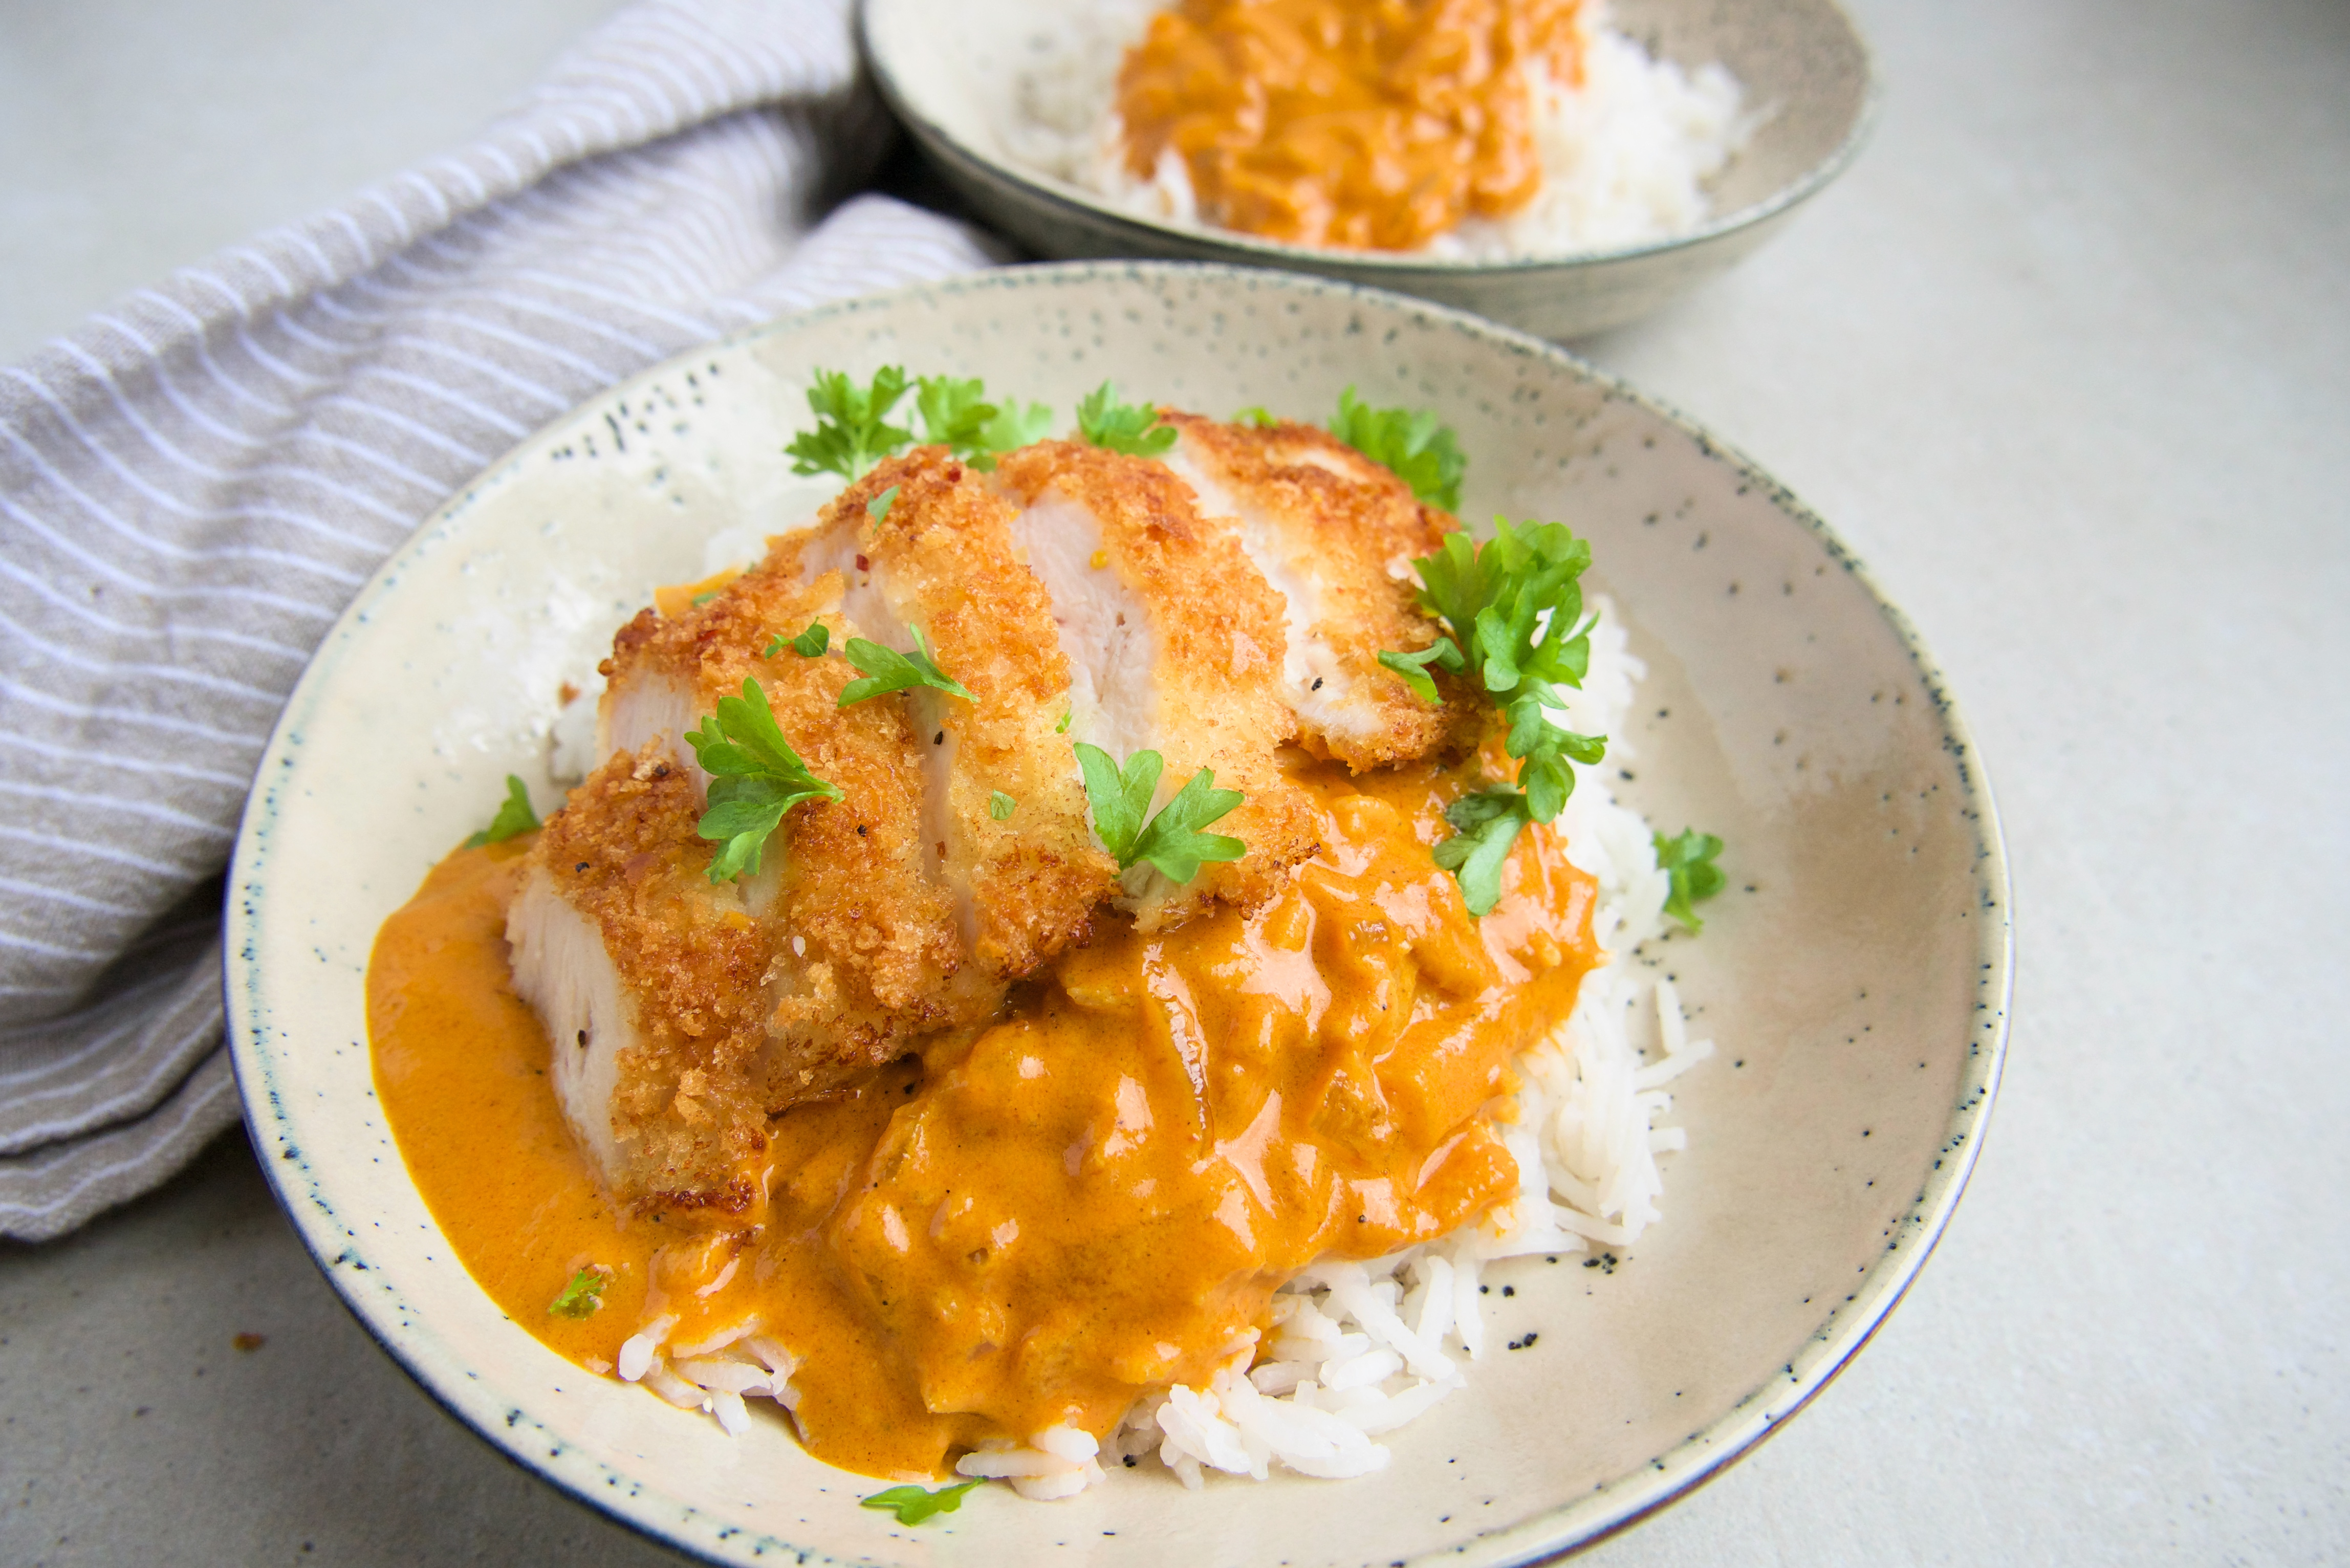 Crispy chicken med indisk sauce